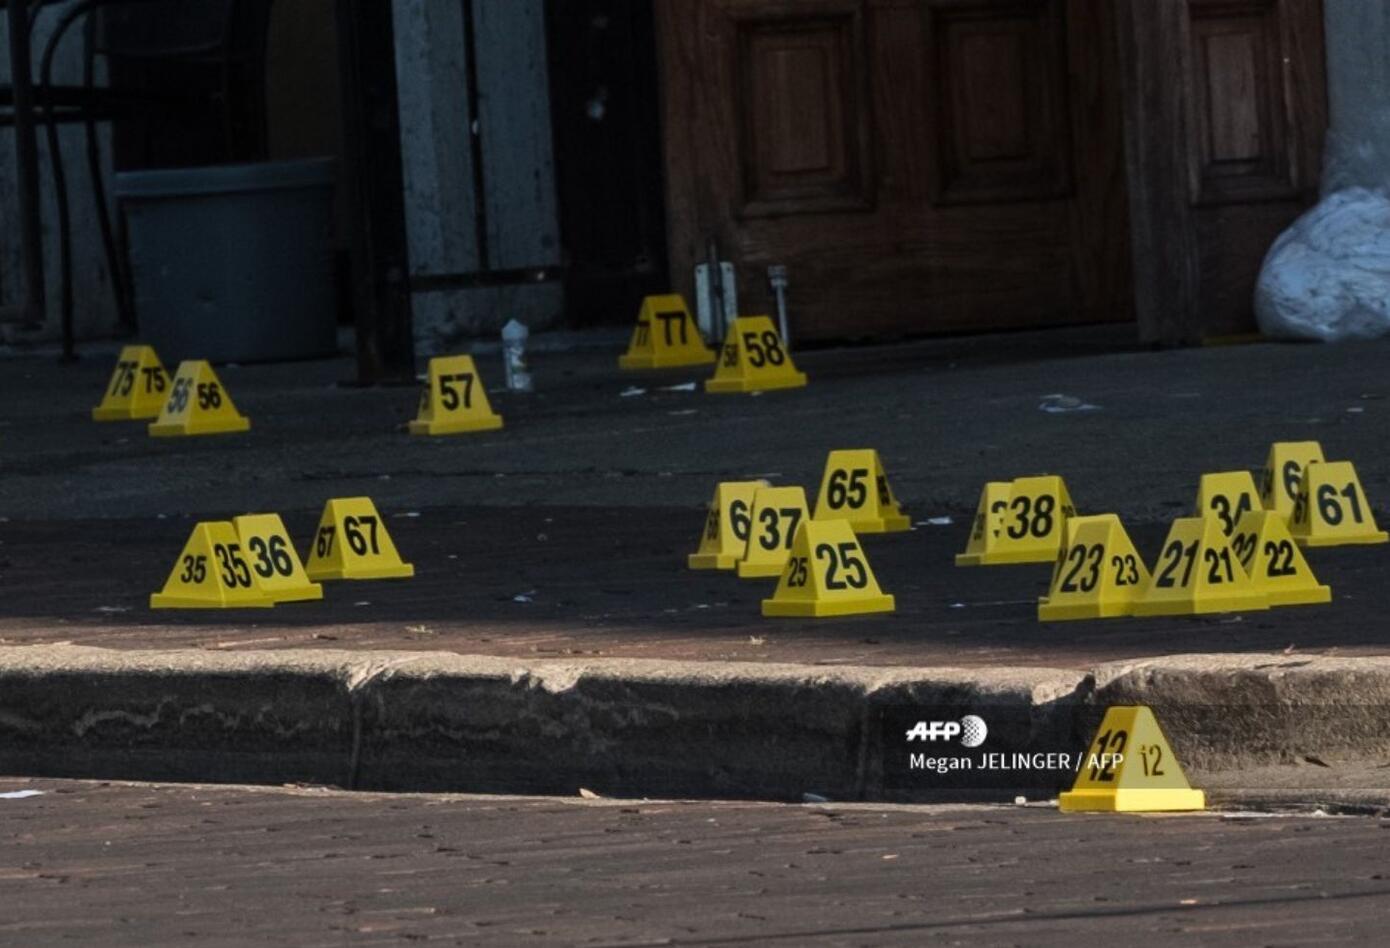 El ataque en Dayton ocurrió horas después de que un hombre de 21 años abriera fuego en un centro comercial de la localidad de El Paso.